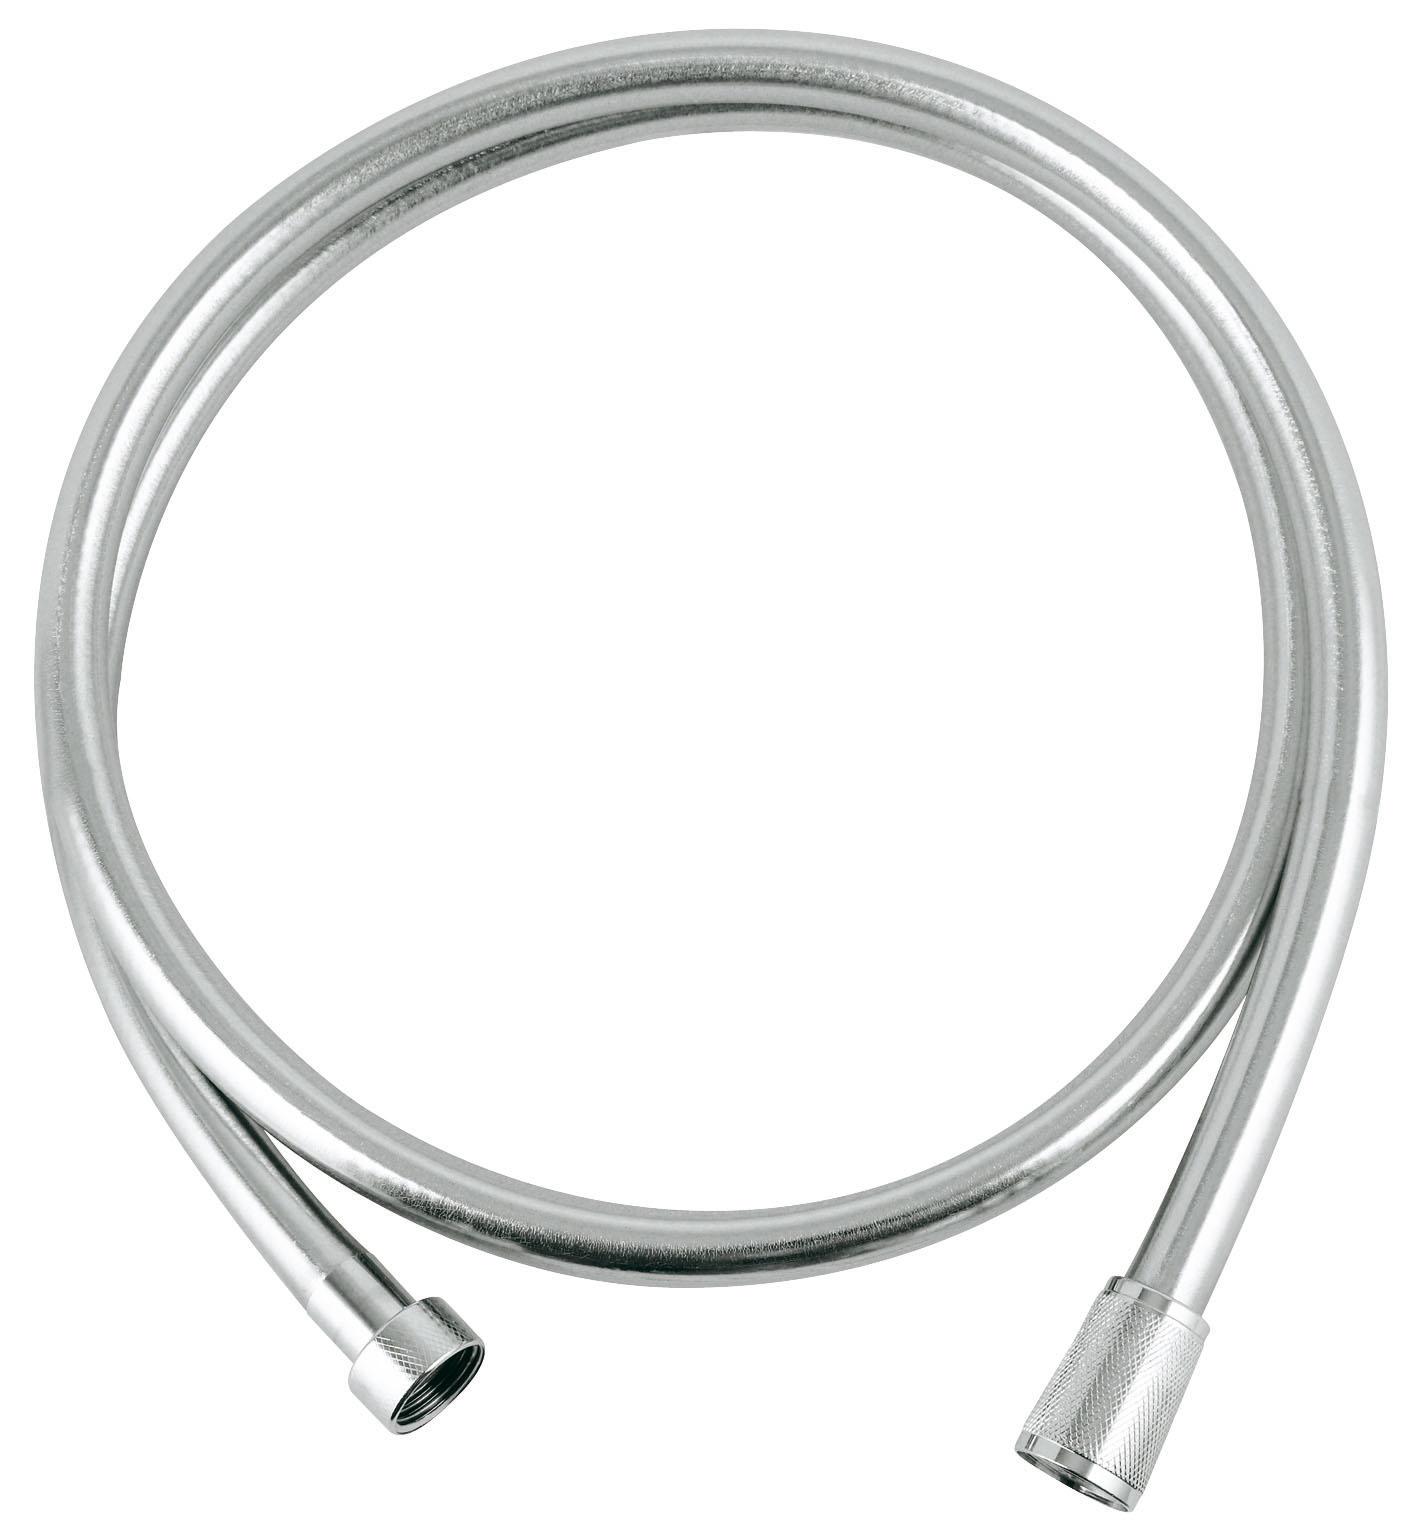 Душевой шланг Grohe Silverflex, длина 1,5 м. 2836400028364000Душевой шланг из пластика с гладкой поверхностью повышенной гибкости, легко чистится, с защитой от залома, на обоих краях вращающийся конус (Anti-Twist).Длина: 1500 мм.Присоединительный размер: 1/2 x 1/2.Хромированная поверхность GROHE StarLight. Видео по установке является исключительно информационным. Установка должна проводиться профессионалами!